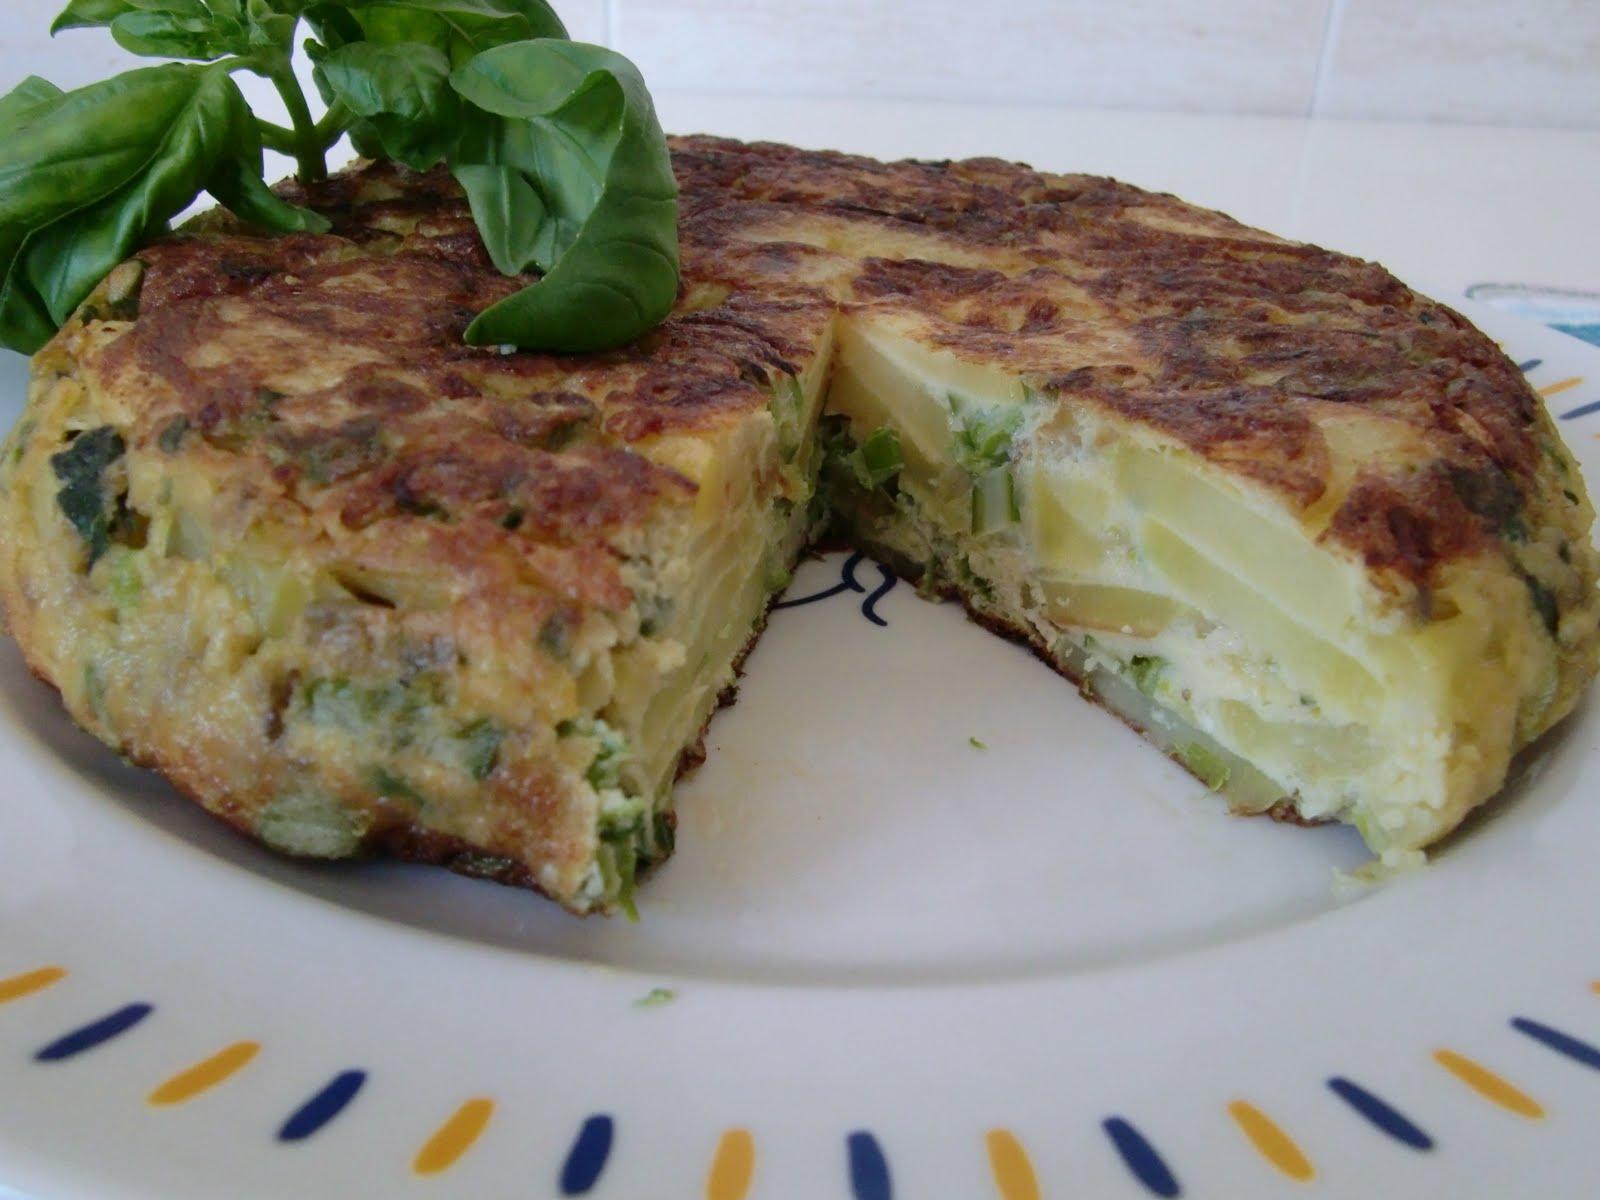 Cocina mediterr nea platos populares de la cocina for Cocina mediterranea